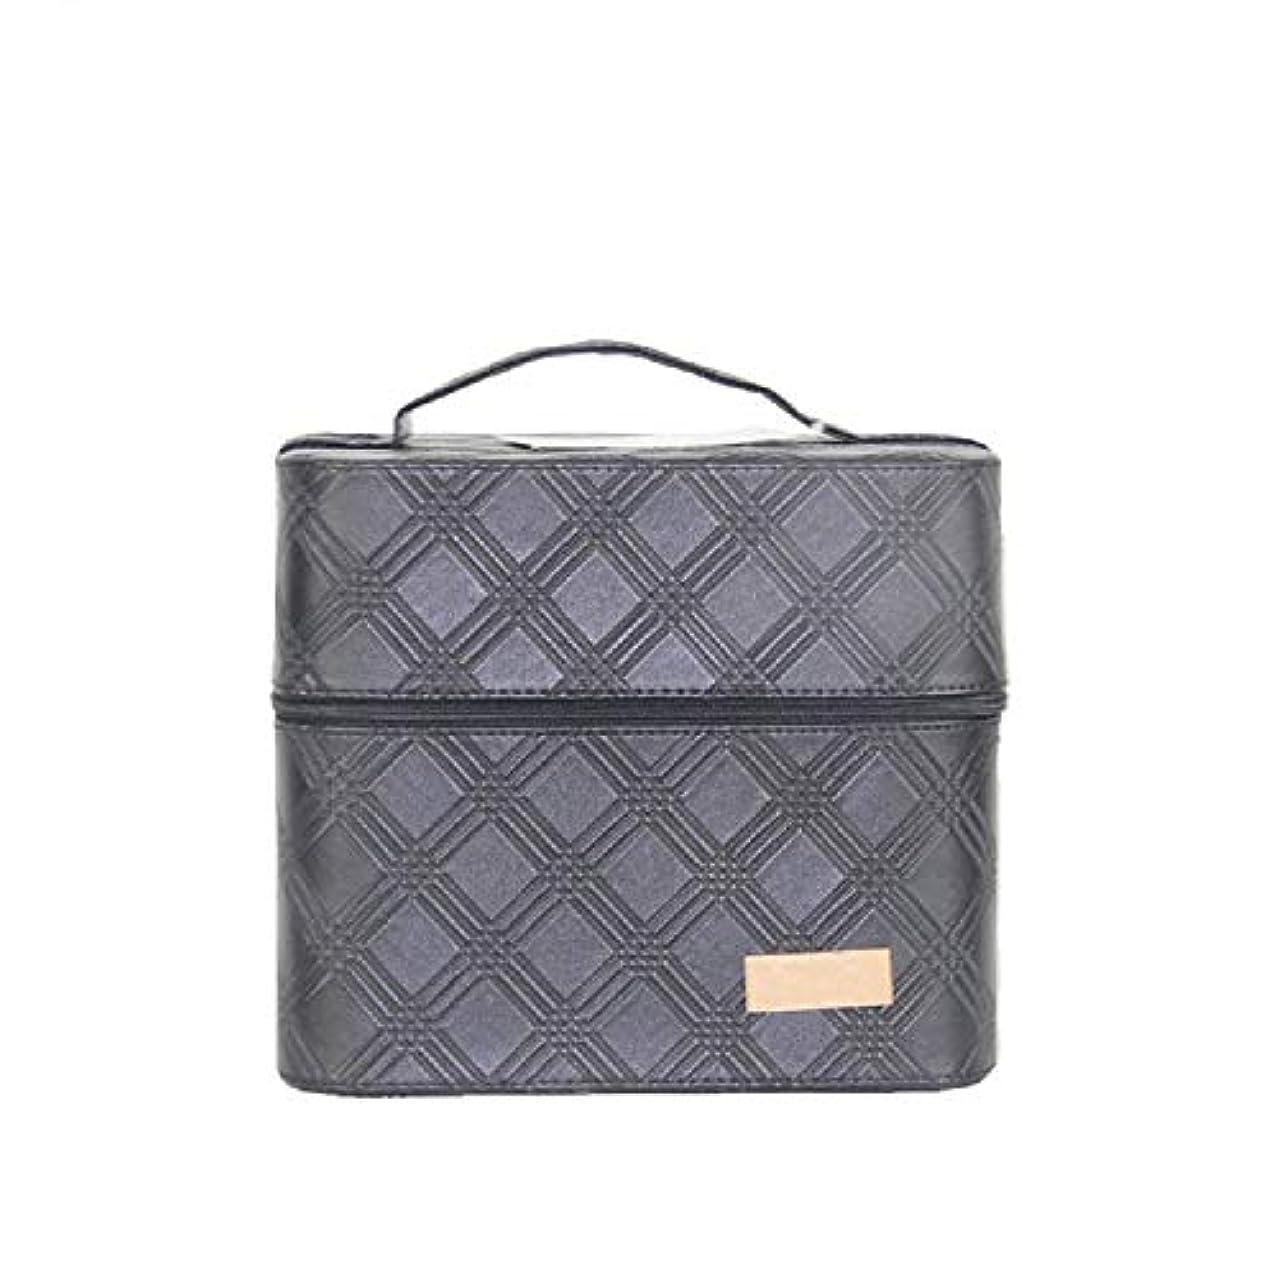 チロ幾何学テセウス化粧オーガナイザーバッグ ジッパーと2つのトレイで小さなものの種類の旅行のための美容メイクアップのための黒のポータブル化粧品バッグ 化粧品ケース